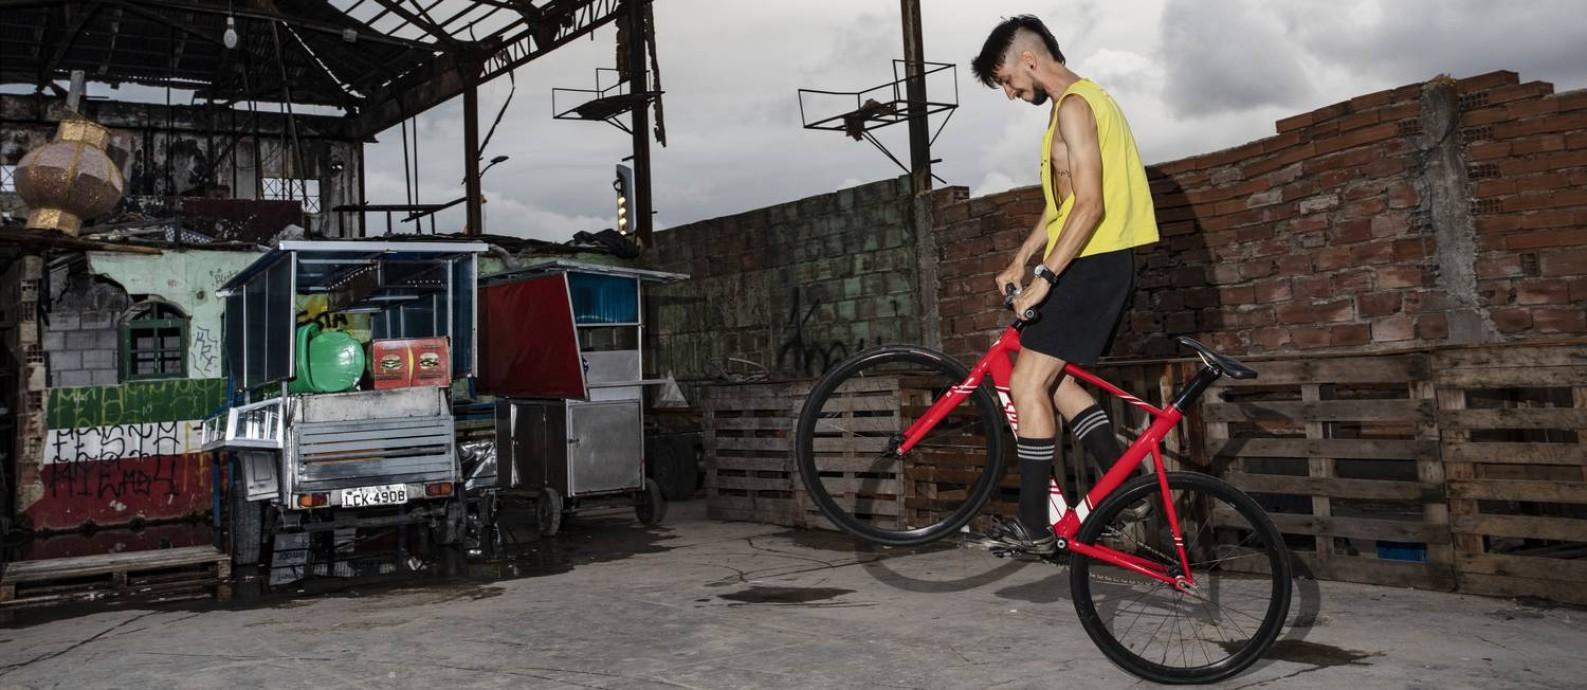 Filipe Koeche faz manobra em que empina sua bicicleta de roda fixa: ele, que trabalha em uma loja de ciclismo, veio de Fortaleza para competir nas Fixolimpíadas, evento em que conheceu a atual noiva Foto: Ana Branco / Agência O Globo